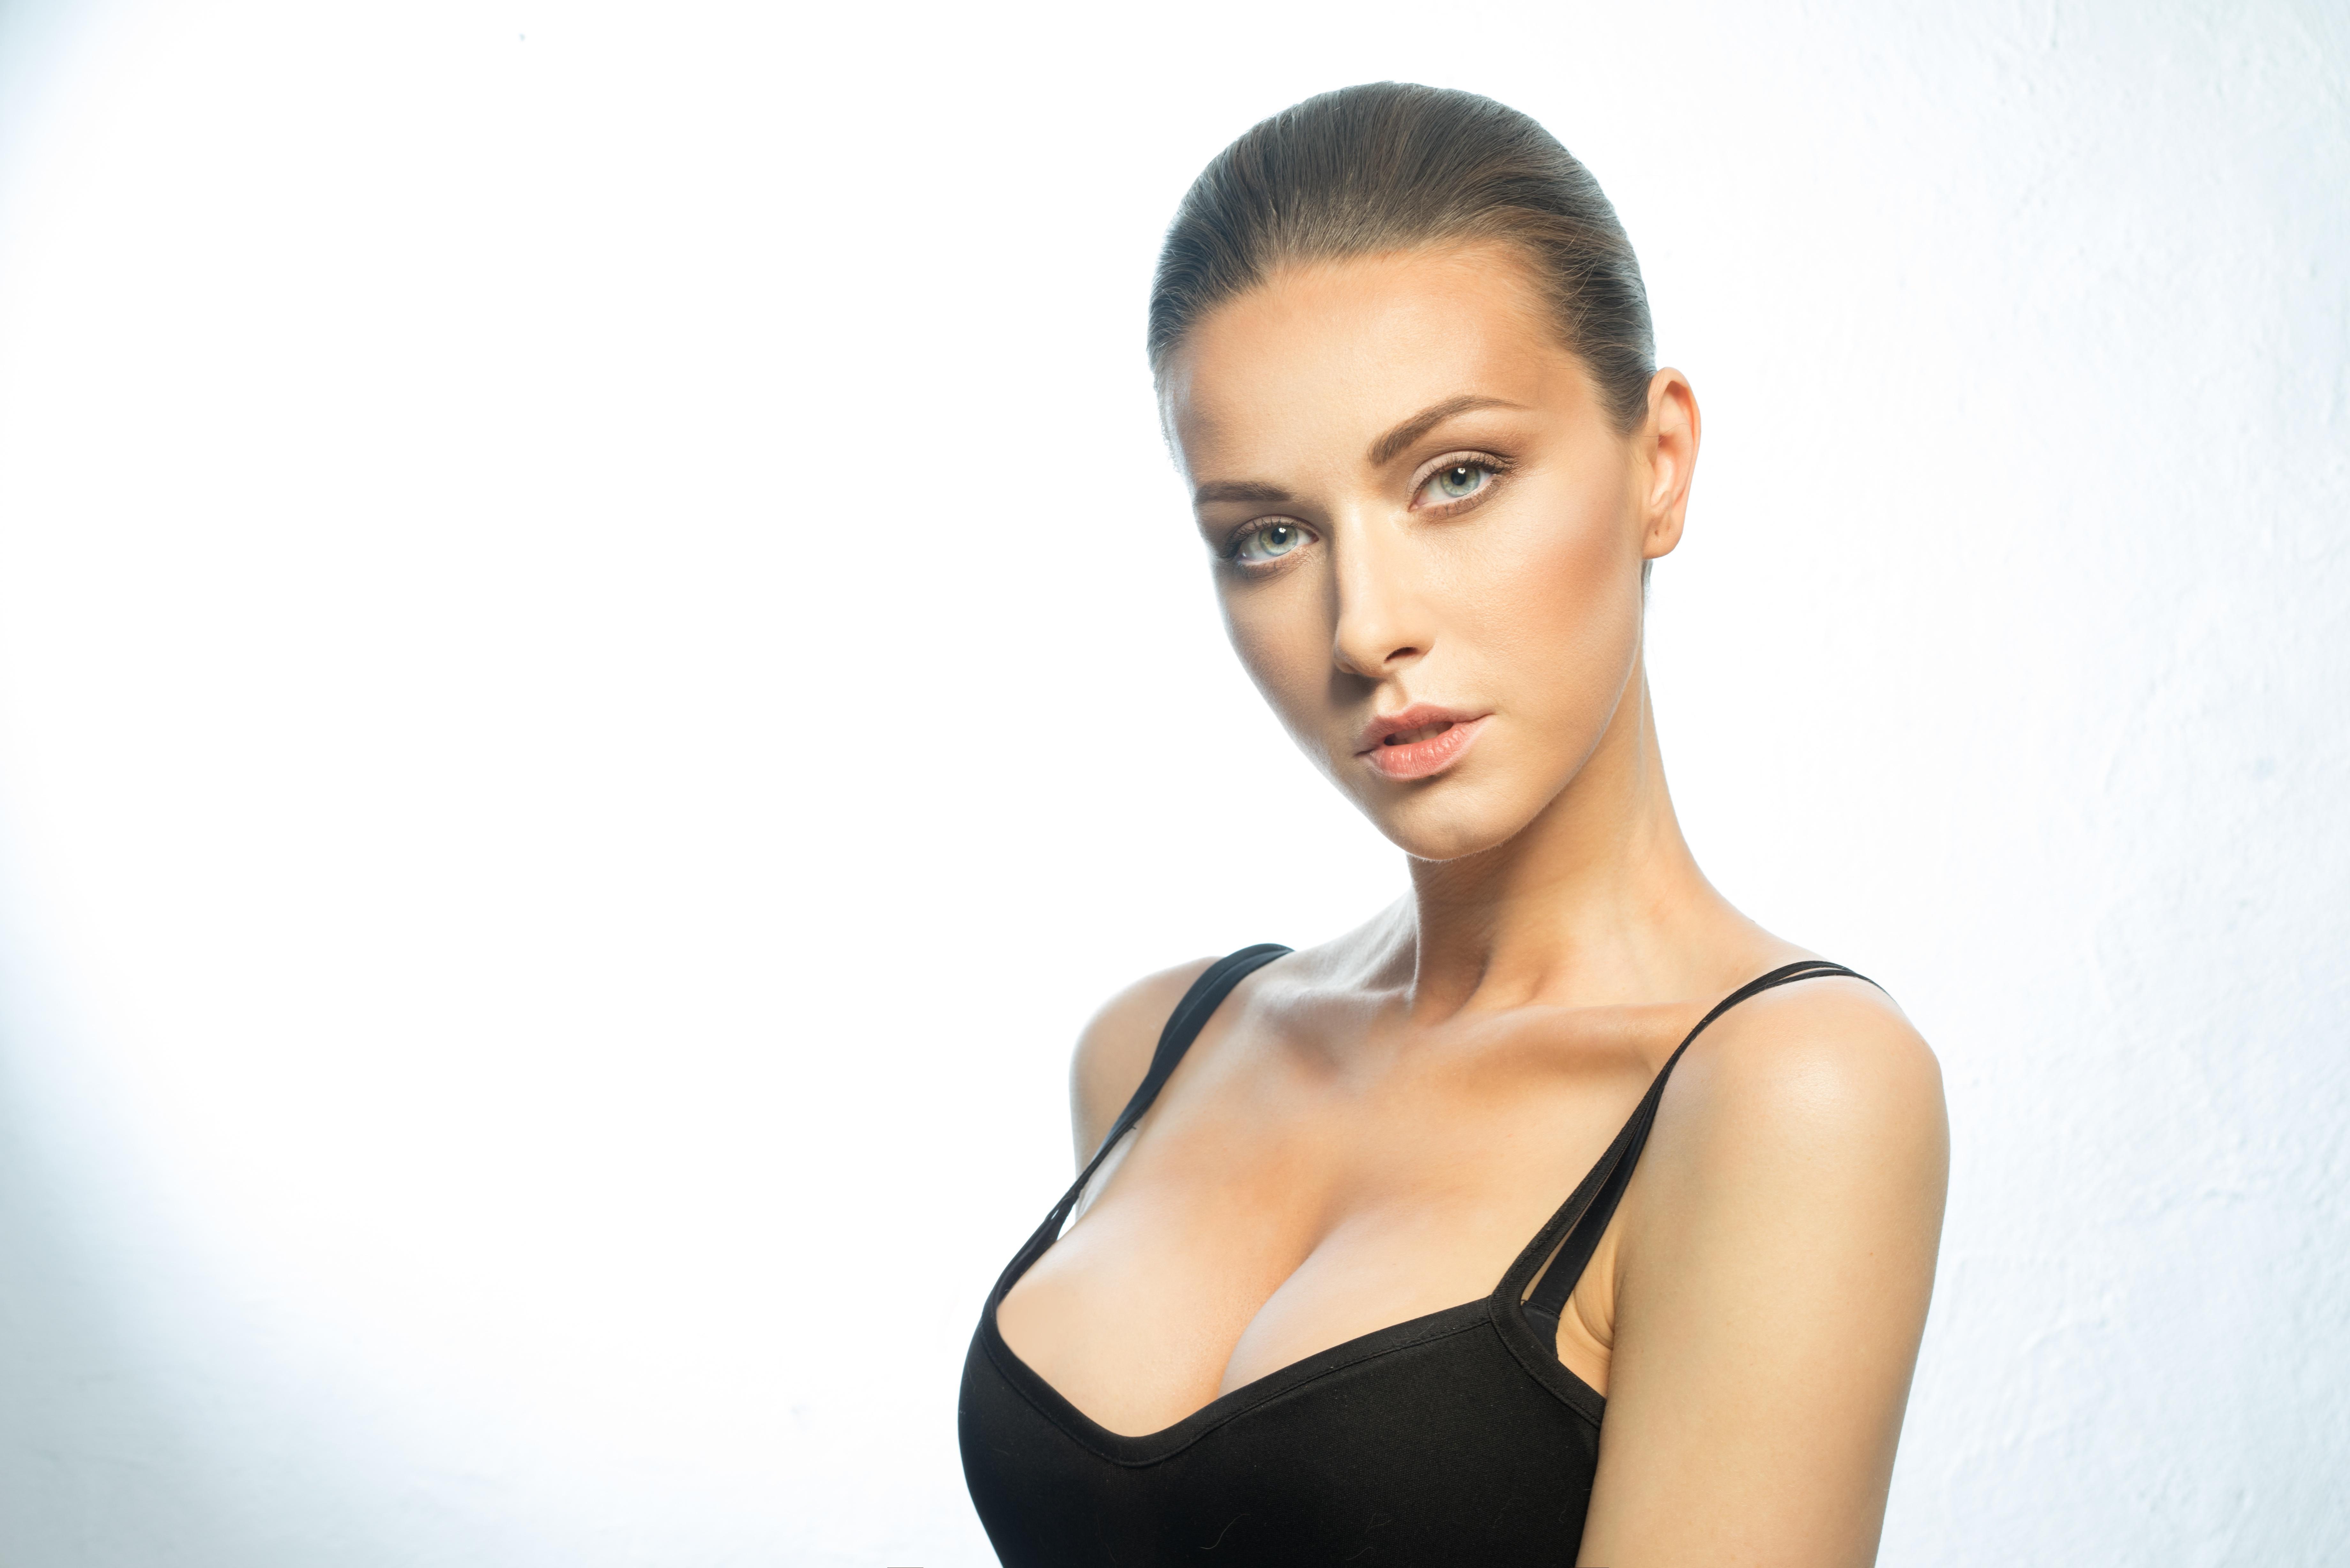 Fotos von Model Schminke Schön Dekolleté junge Frauen Starren Make Up schöne hübsch schöner schönes hübsche hübscher dekolletee Mädchens junge frau Blick